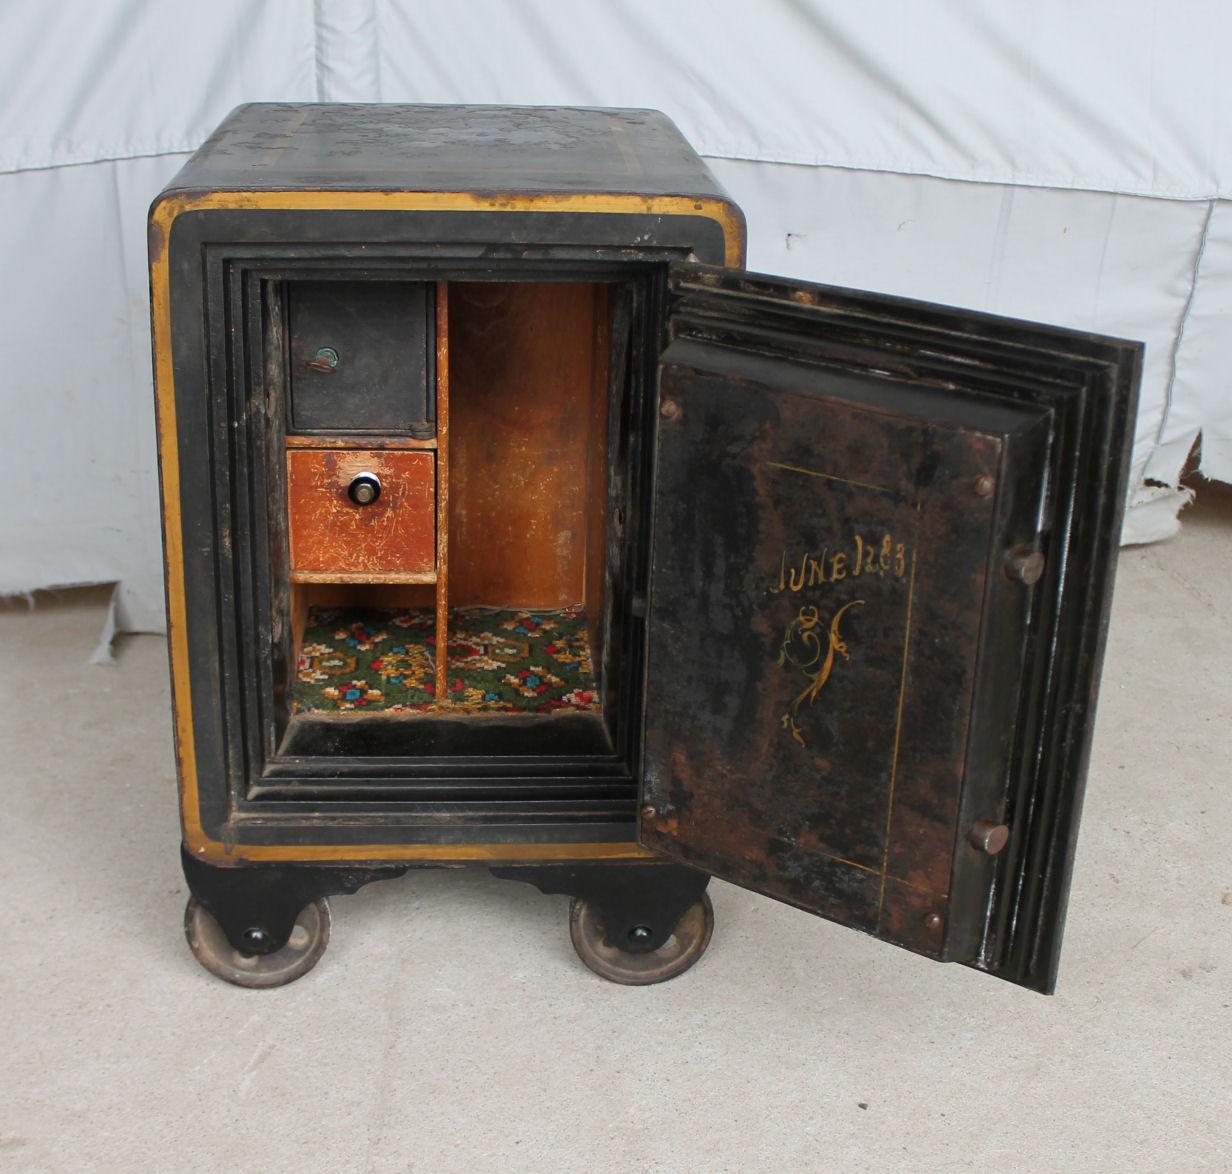 Bargain Johns Antiques  Antique Iron Safe  Alpine  Bargain Johns Antiques